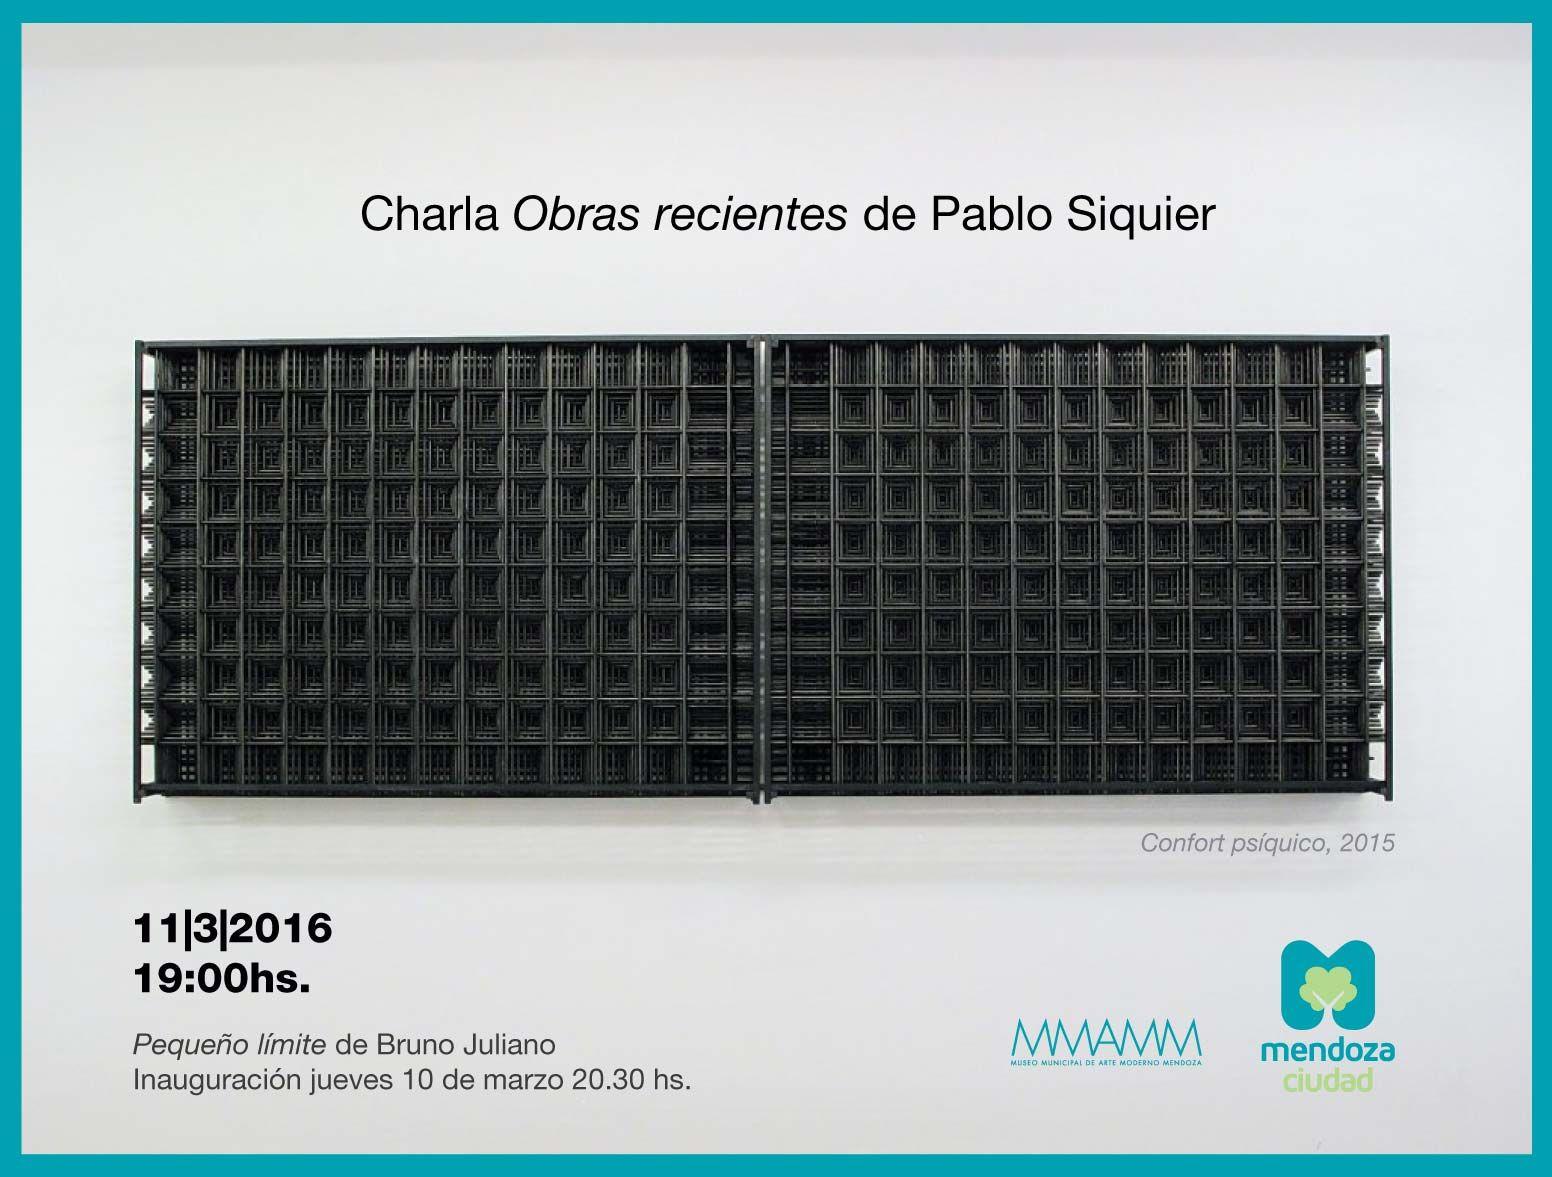 Charla abierta con Pablo Siquier